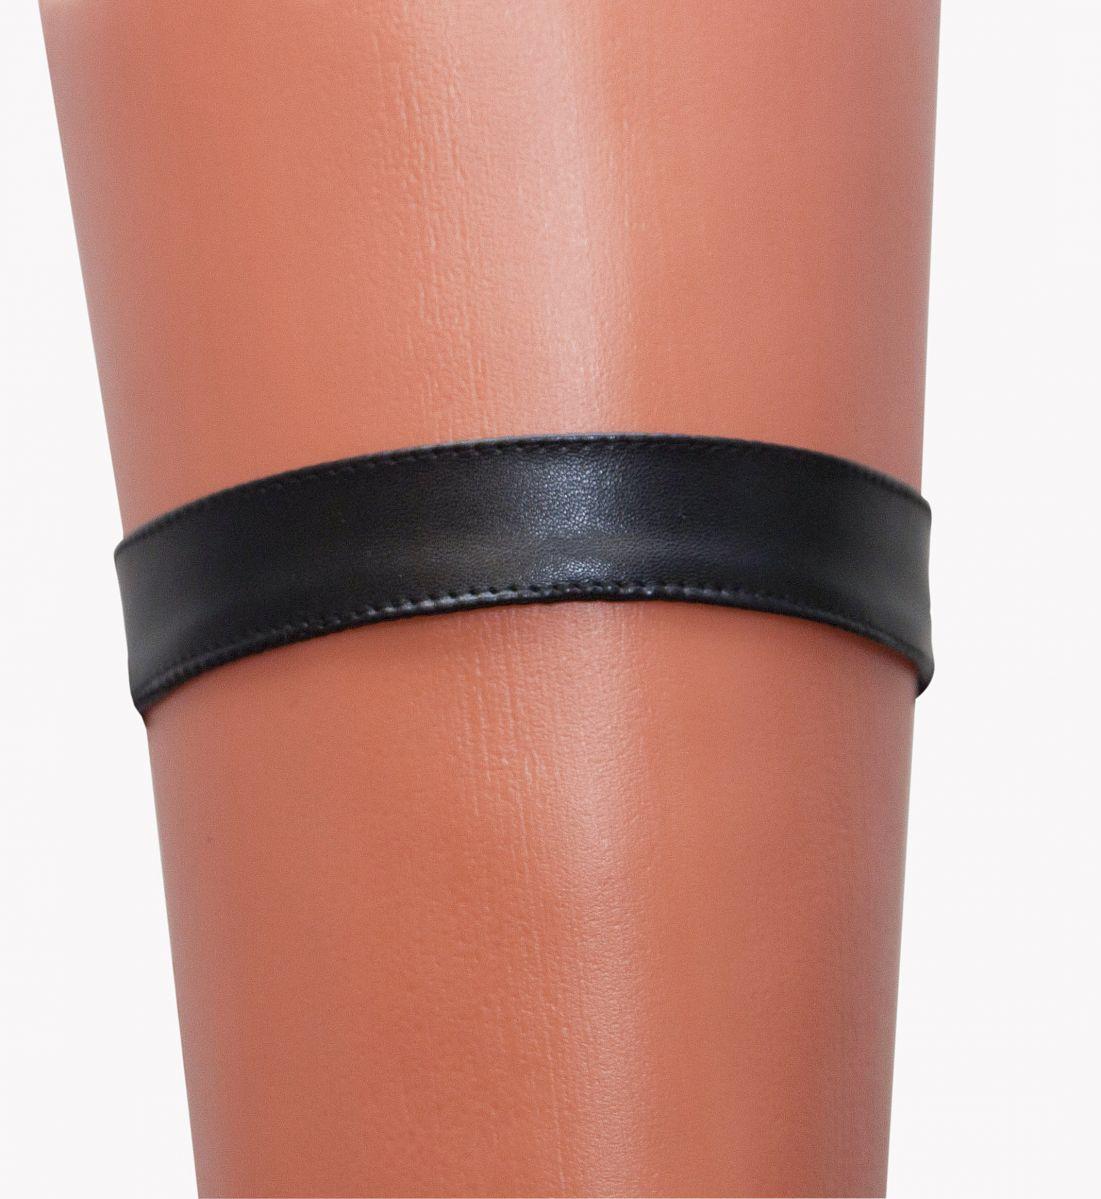 Перчатки и аксессуары: Чёрная кожаная подвязка